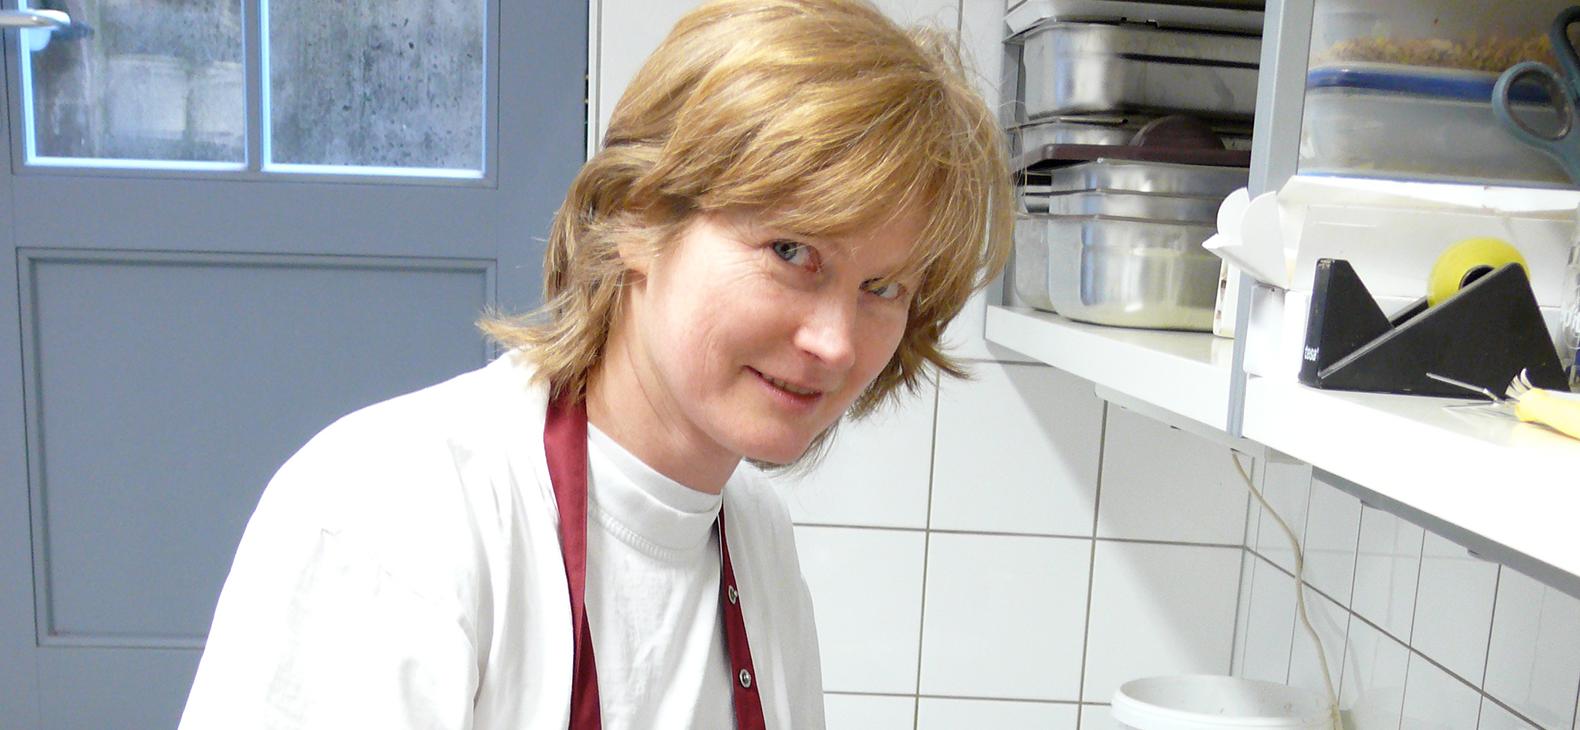 Kerstin Spehr